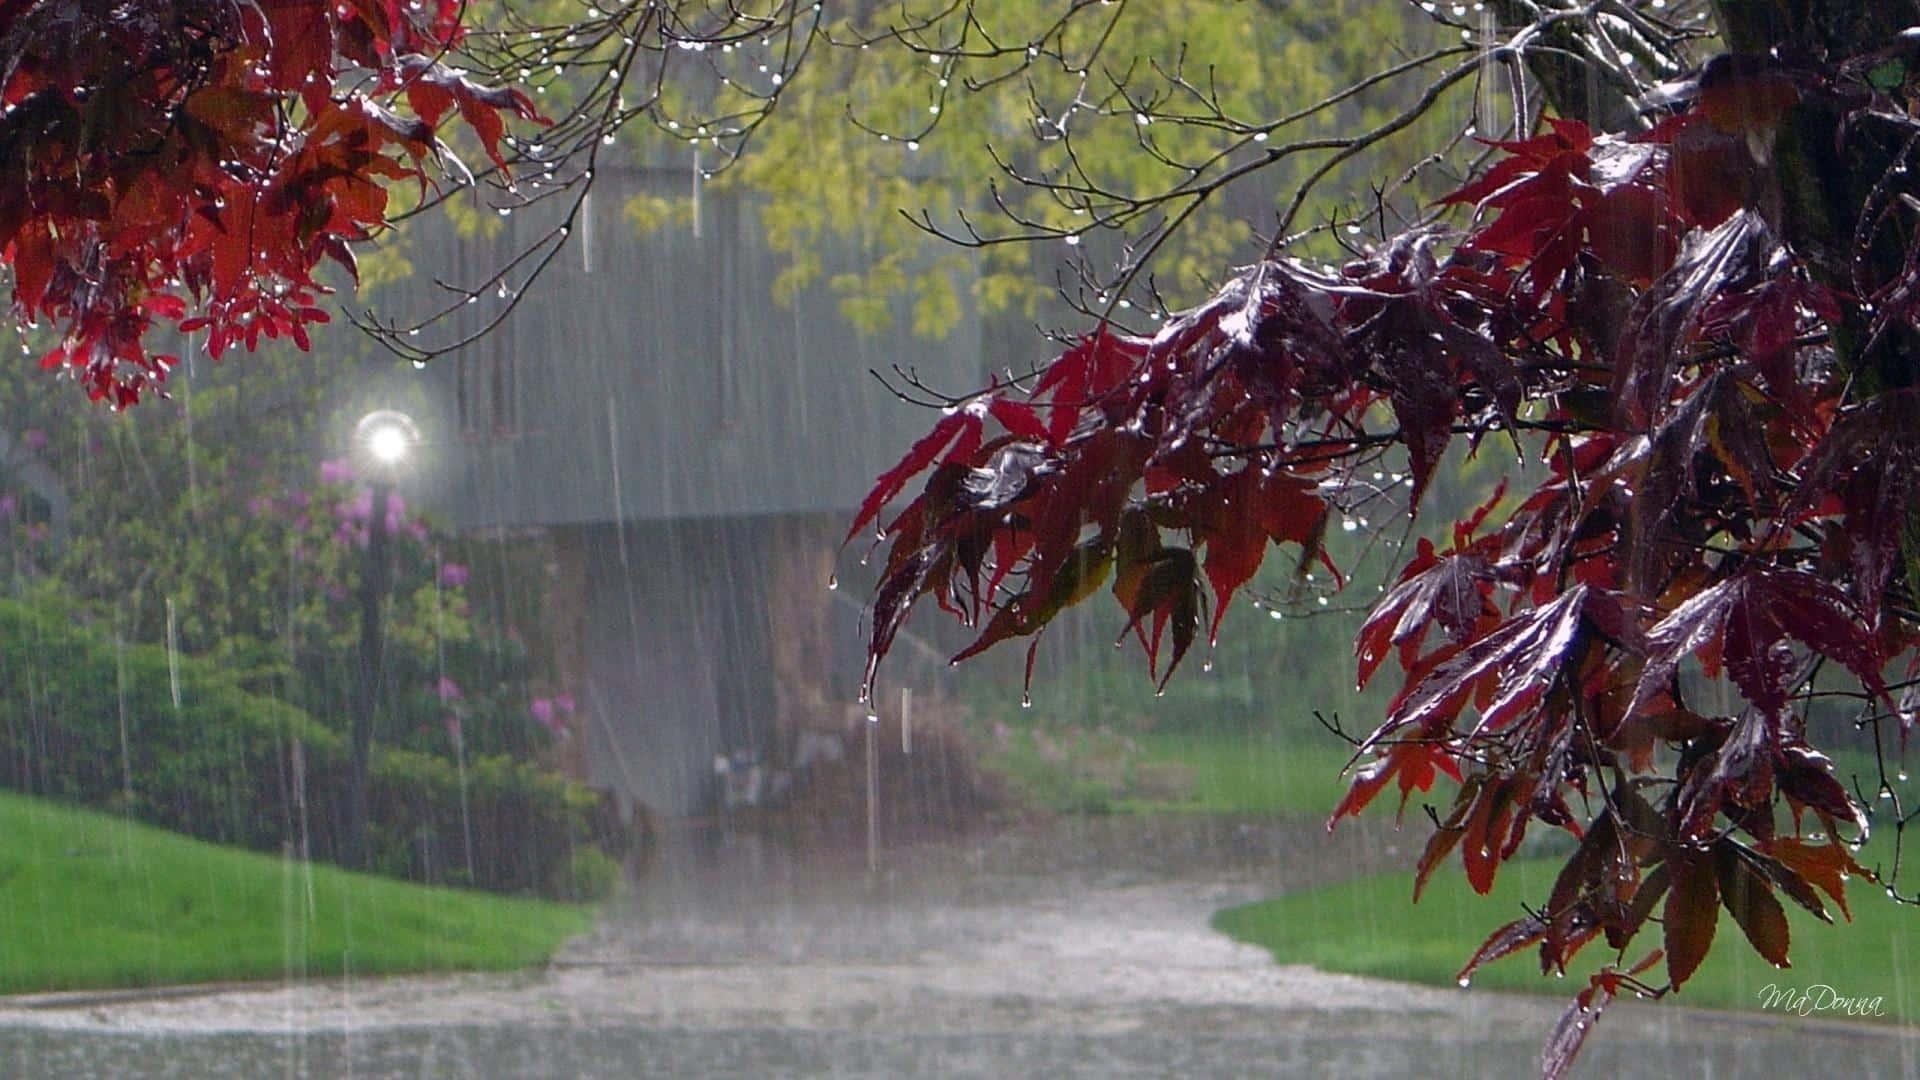 - cold fall rain - ອຸຕຸເຕືອນ! ວັນທີ 7-13 ມິຖຸນານີ້ ຈະມີຝົນຕົກຟ້າຮ້ອງຟ້າເຫຼື້ອມຢູ່ທົ່ວທຸກພາກ